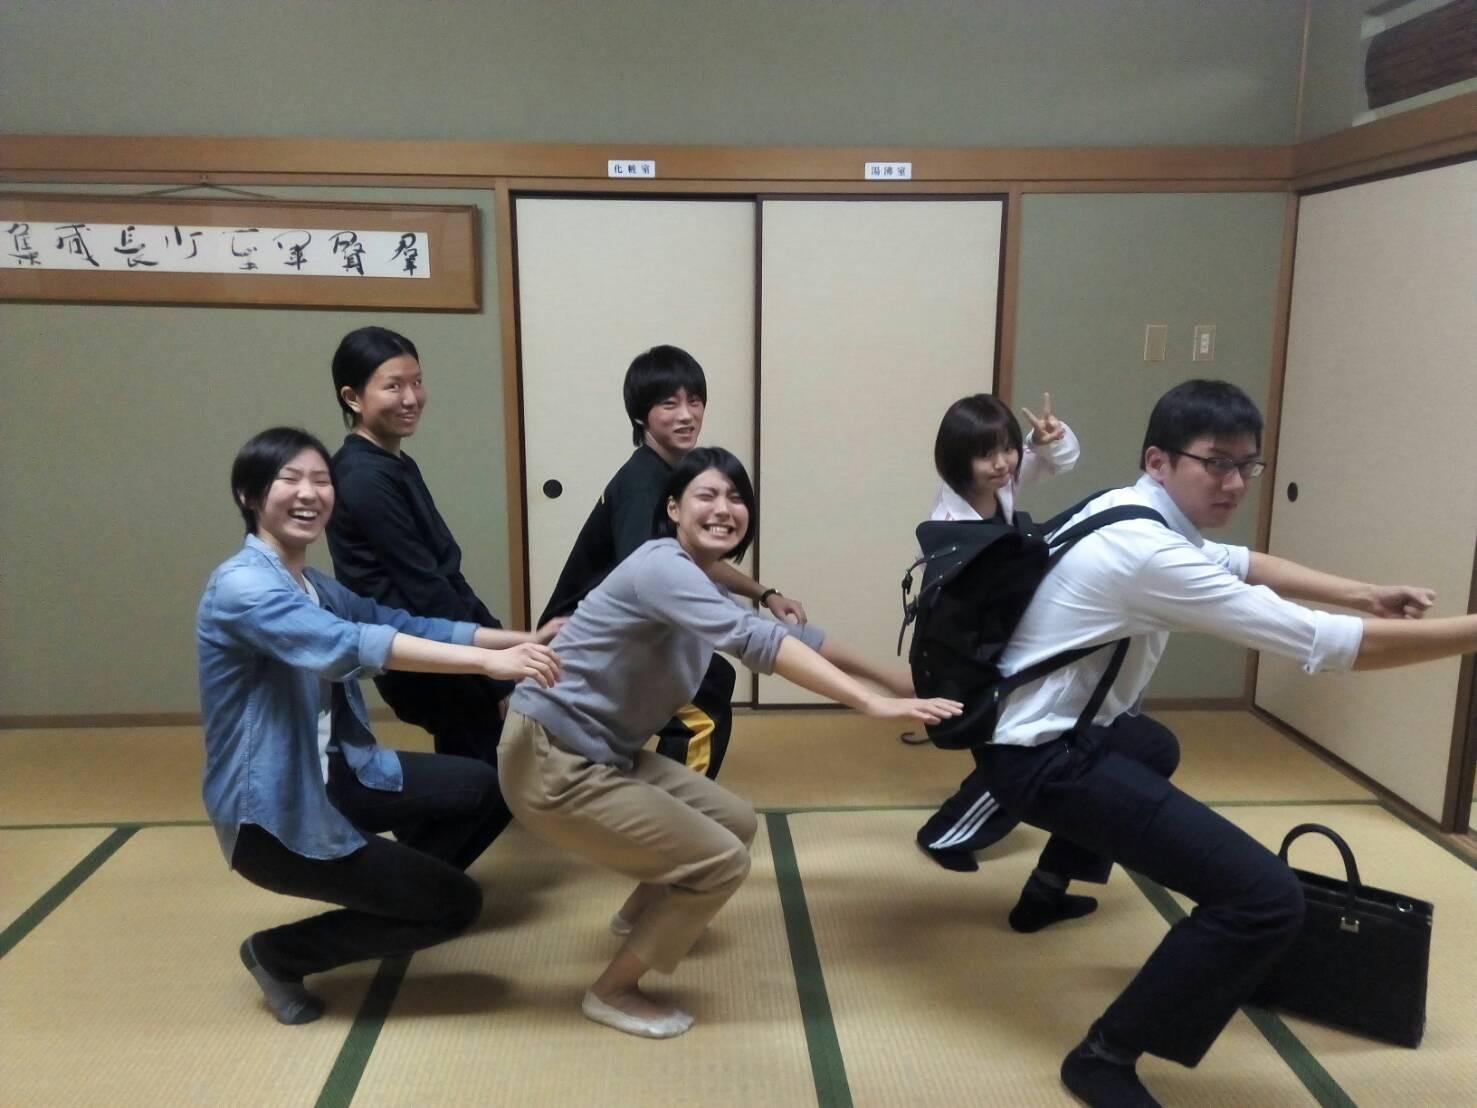 劇団21世紀枠第11回劇場帰還公演「ゾンビ君とサクラちゃん」